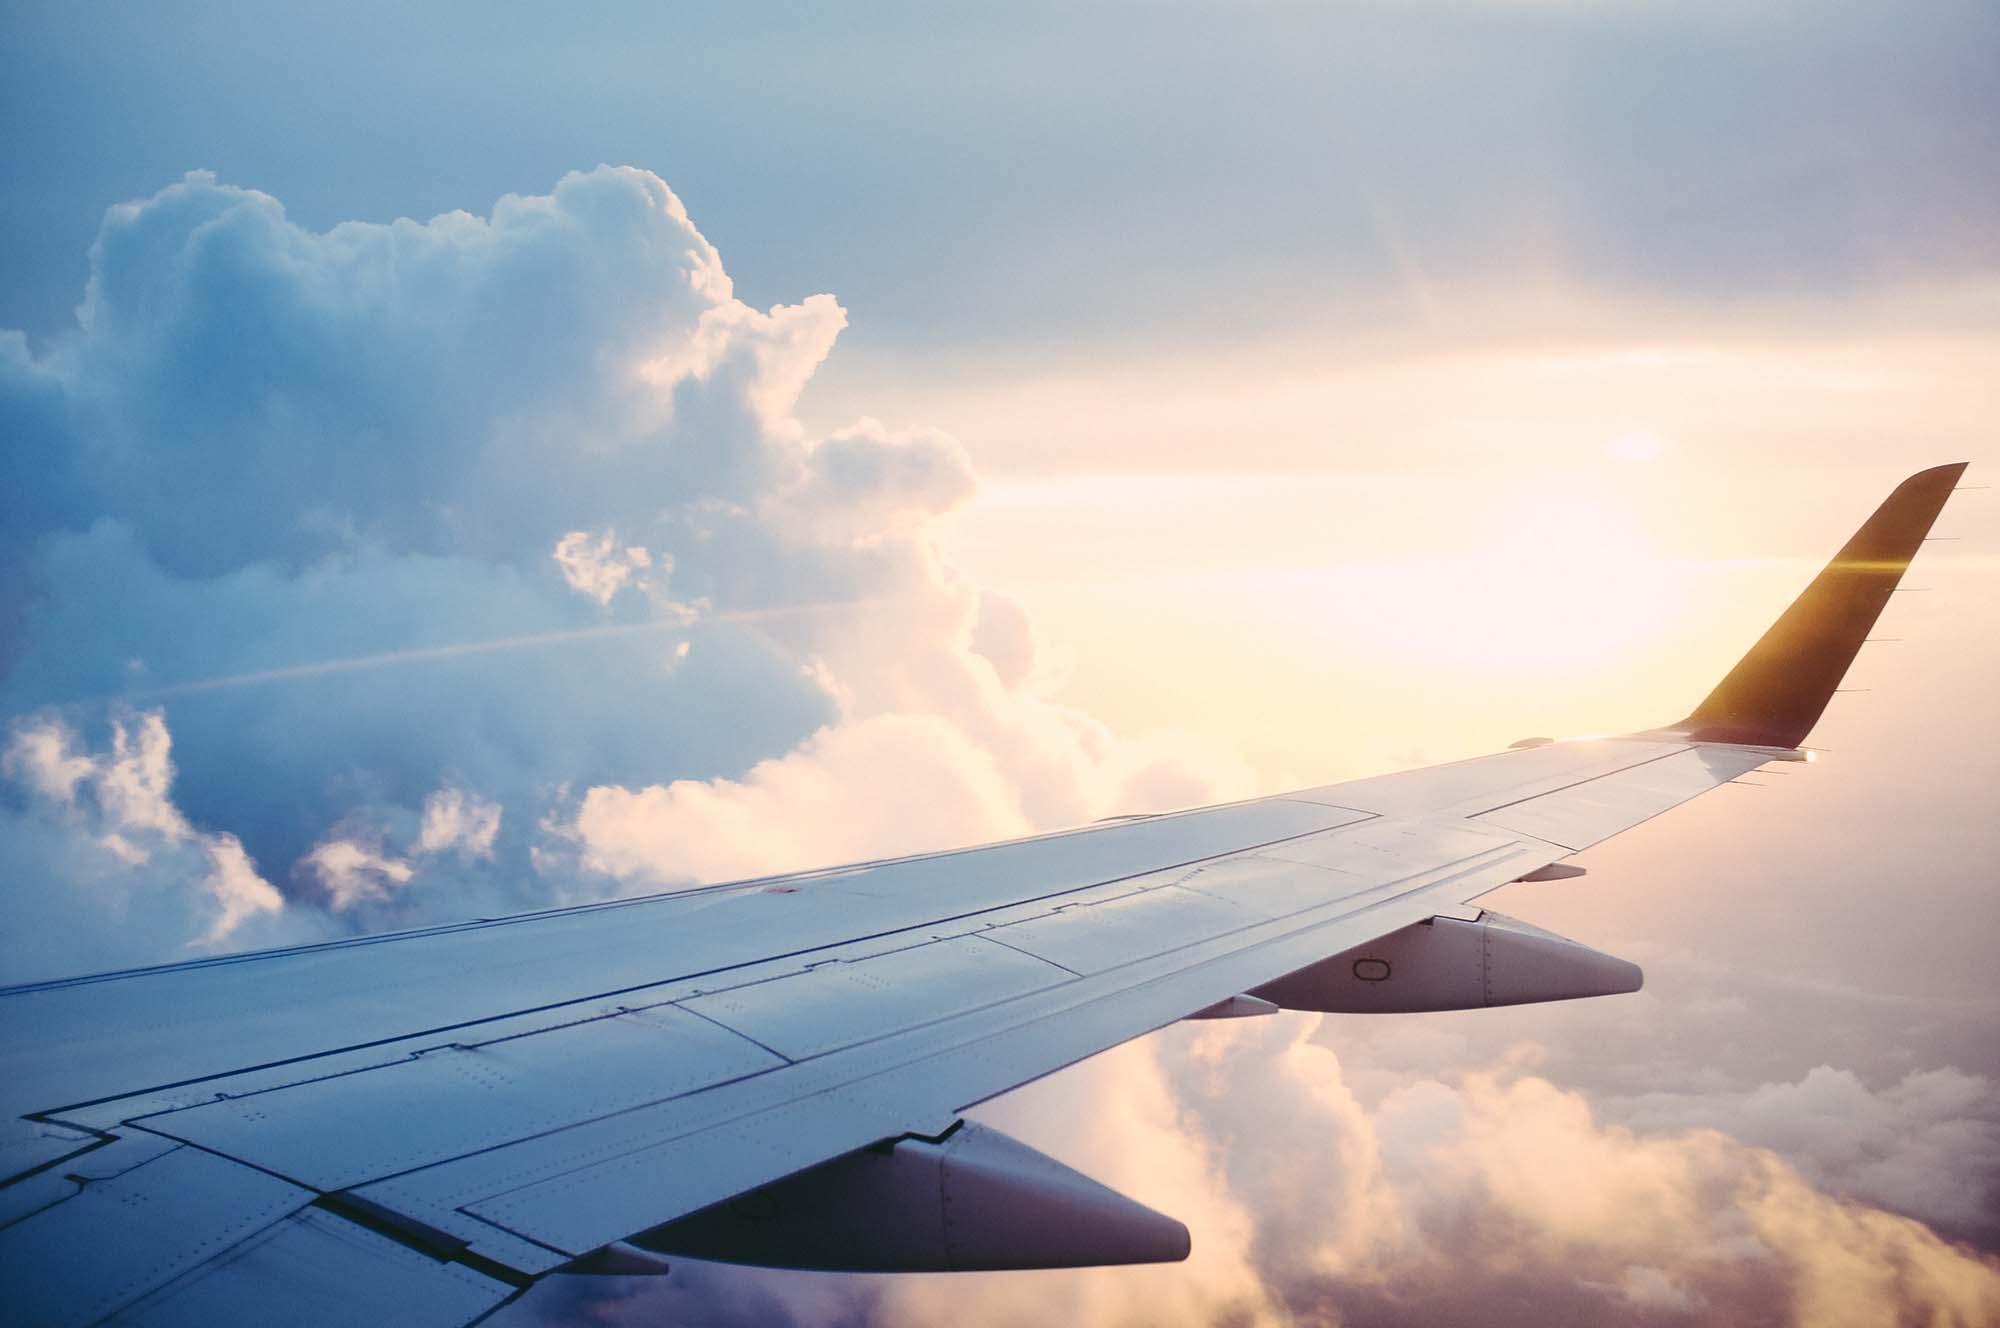 Mag een zakmes mee in het vliegtuig?